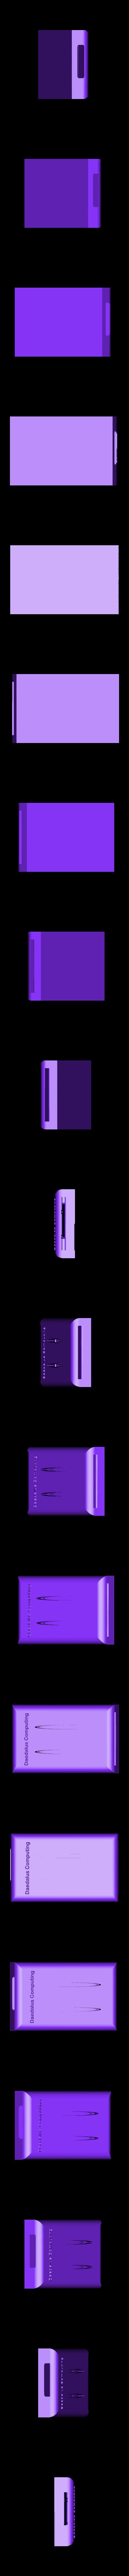 SSD_Model._v9_complete_vented_embossed_.stl Download free STL file Flexible external SSD Case • 3D printable design, 3D-Designs